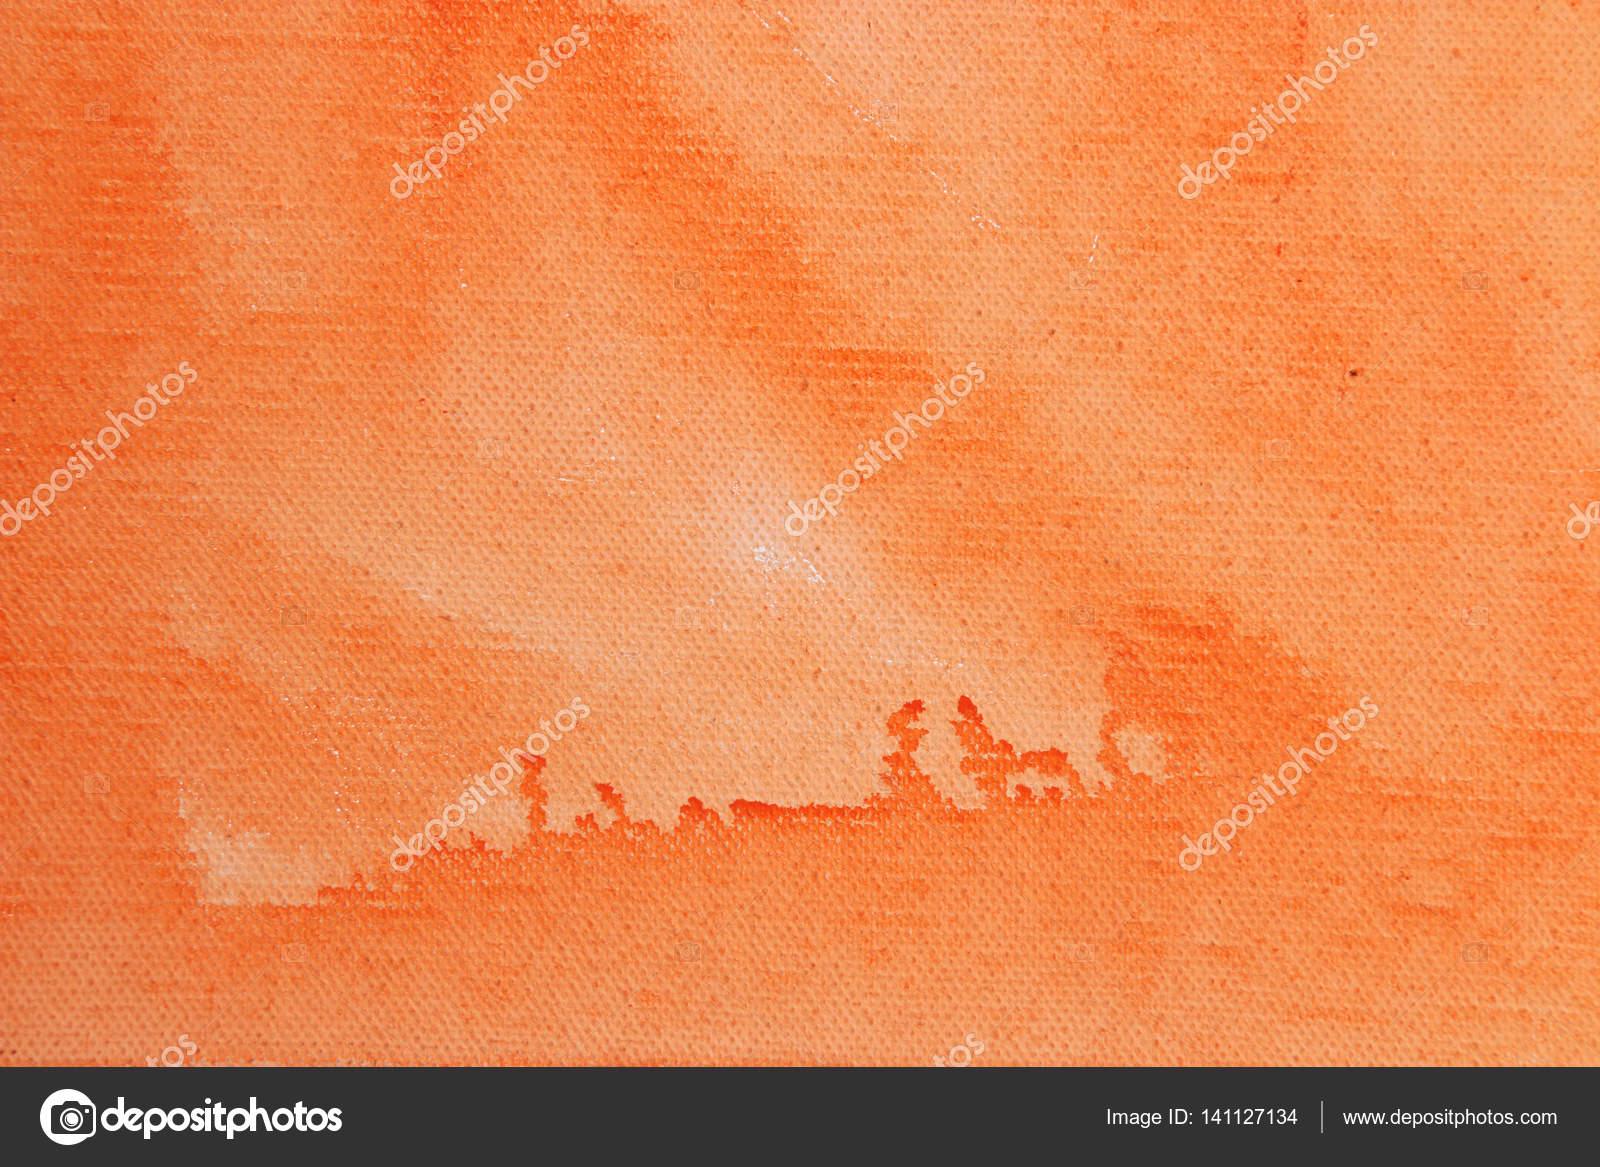 Acryl kleur rendering effect. achtergrond van de abstracte kunst